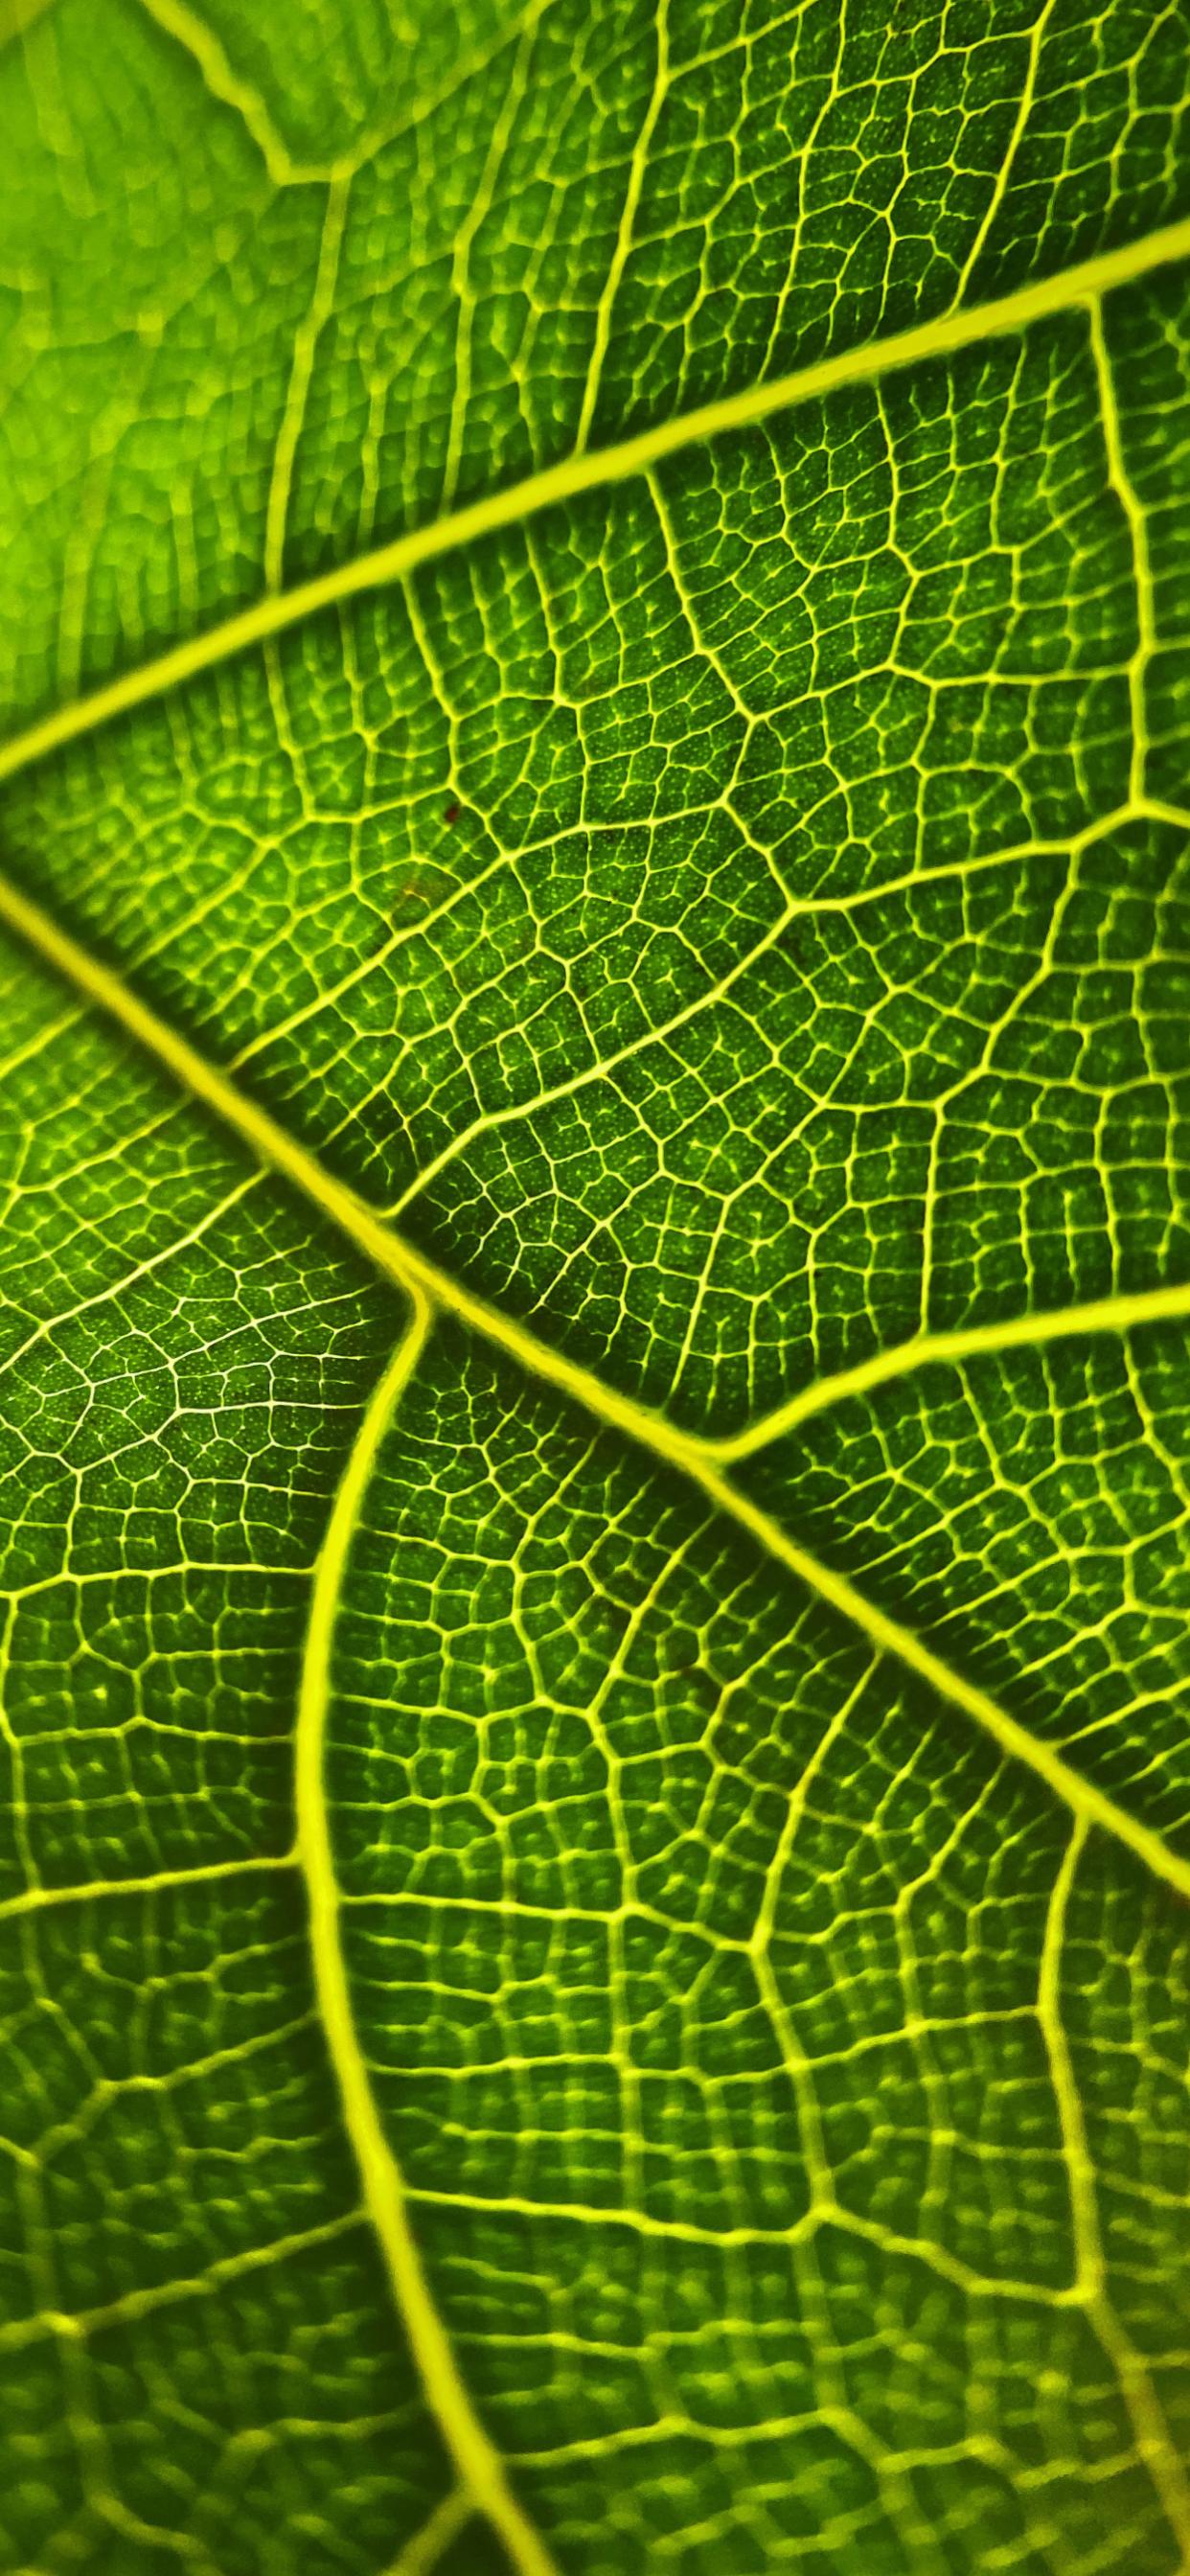 iPhone wallpapers texture leaf front Fonds d'écran iPhone du 18/05/2020